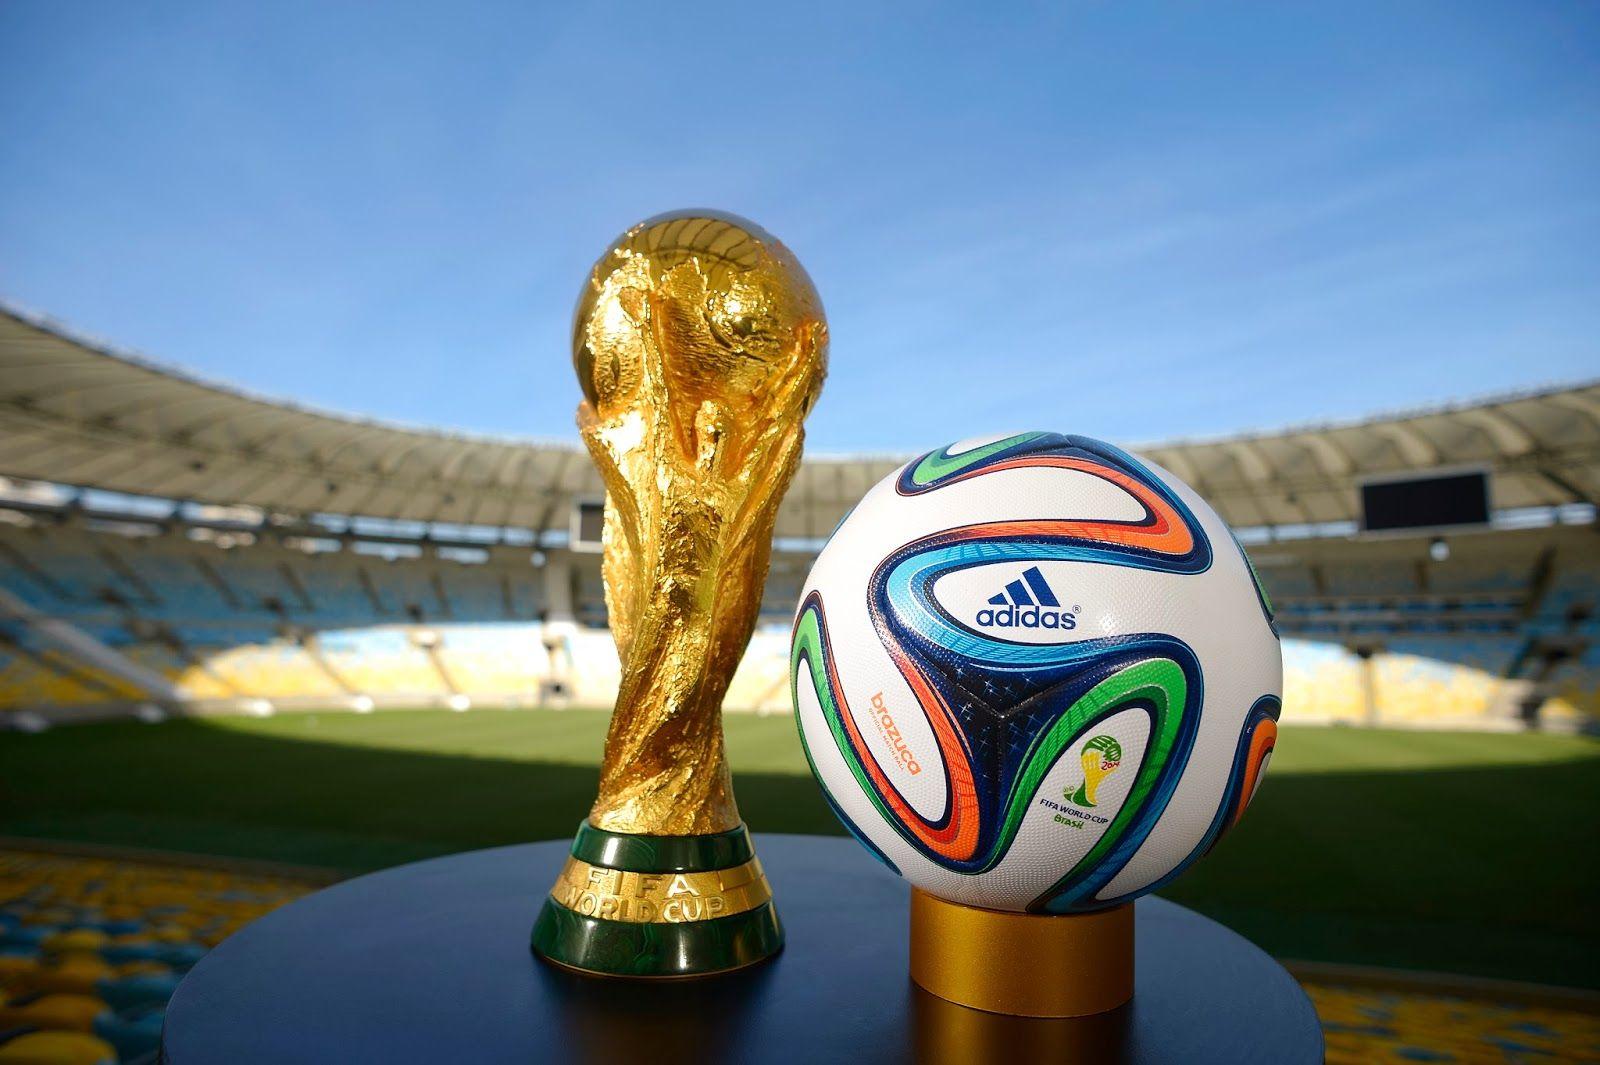 Fifa World Cup 2014 Ball And Trophy Dengan Gambar Piala Dunia